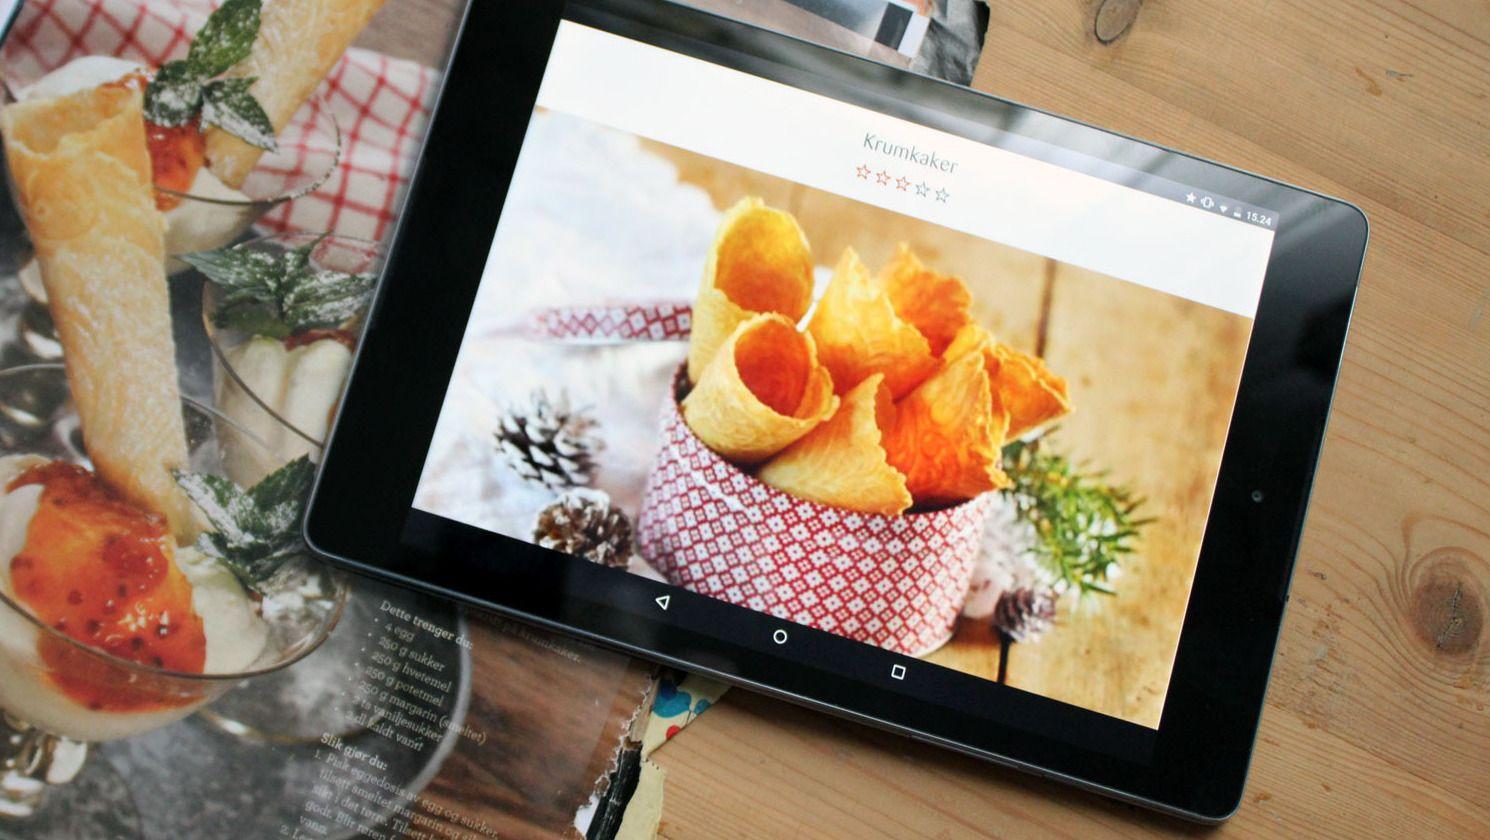 HTC Nexus 9 var det første nettbrettet med Android 5.0. Foto: Espen Irwing Swang, Tek.no